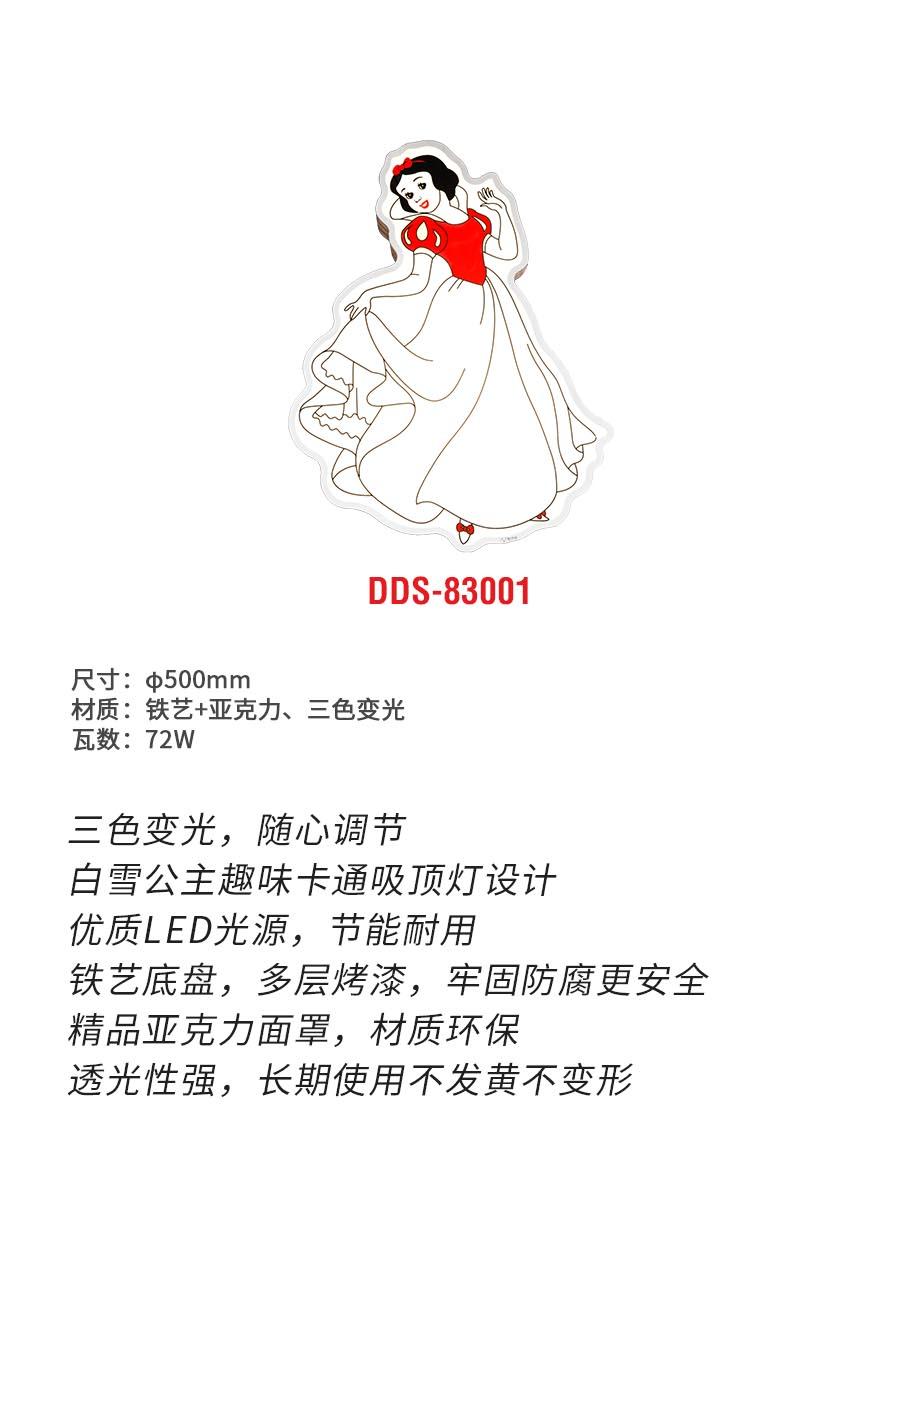 DDS-83001b.jpg